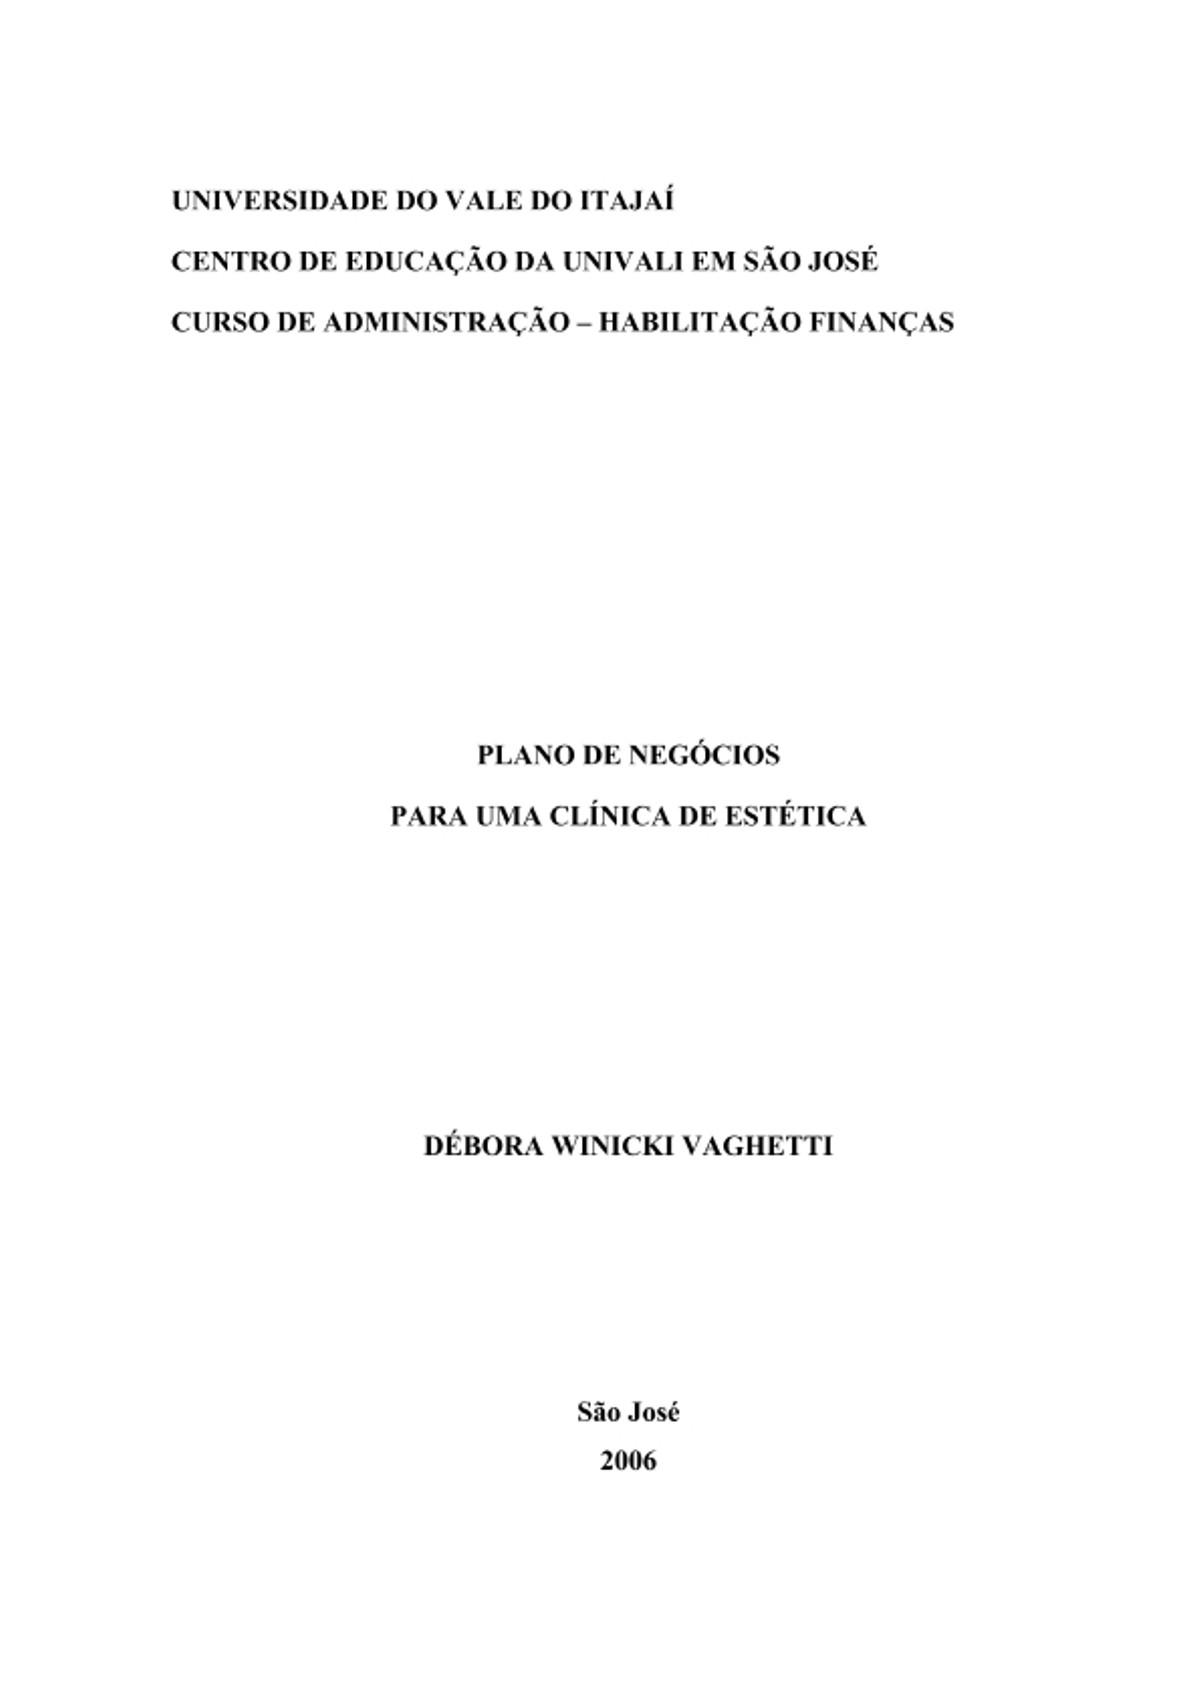 Pre-visualização do material PLANO DE NEGOCIOS CLINICA DE ESTÉTICA - página 1